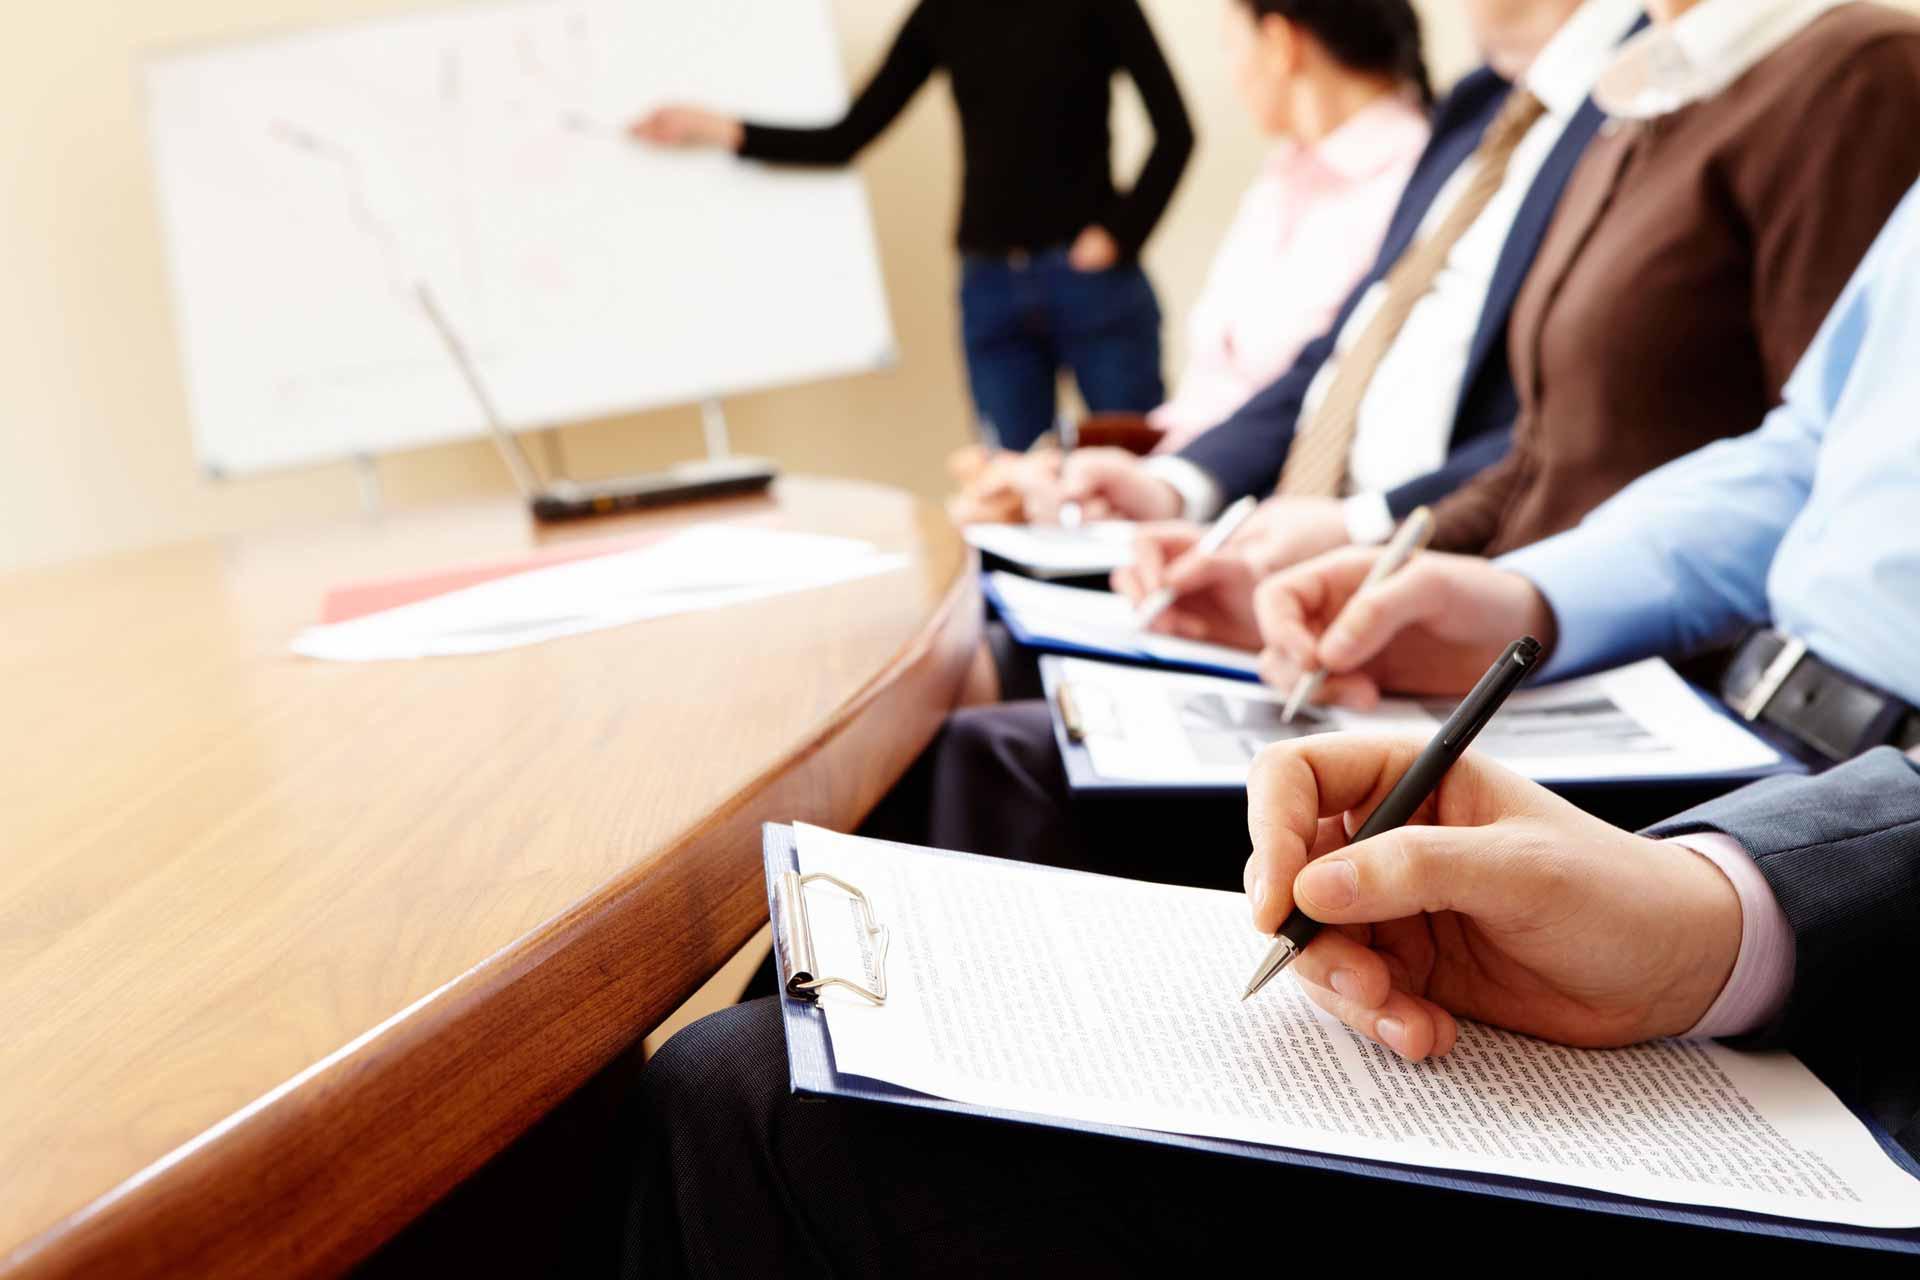 09 июля 2018 года. Вебинар: Как правильно оформить сотрудников в малом бизнесе?